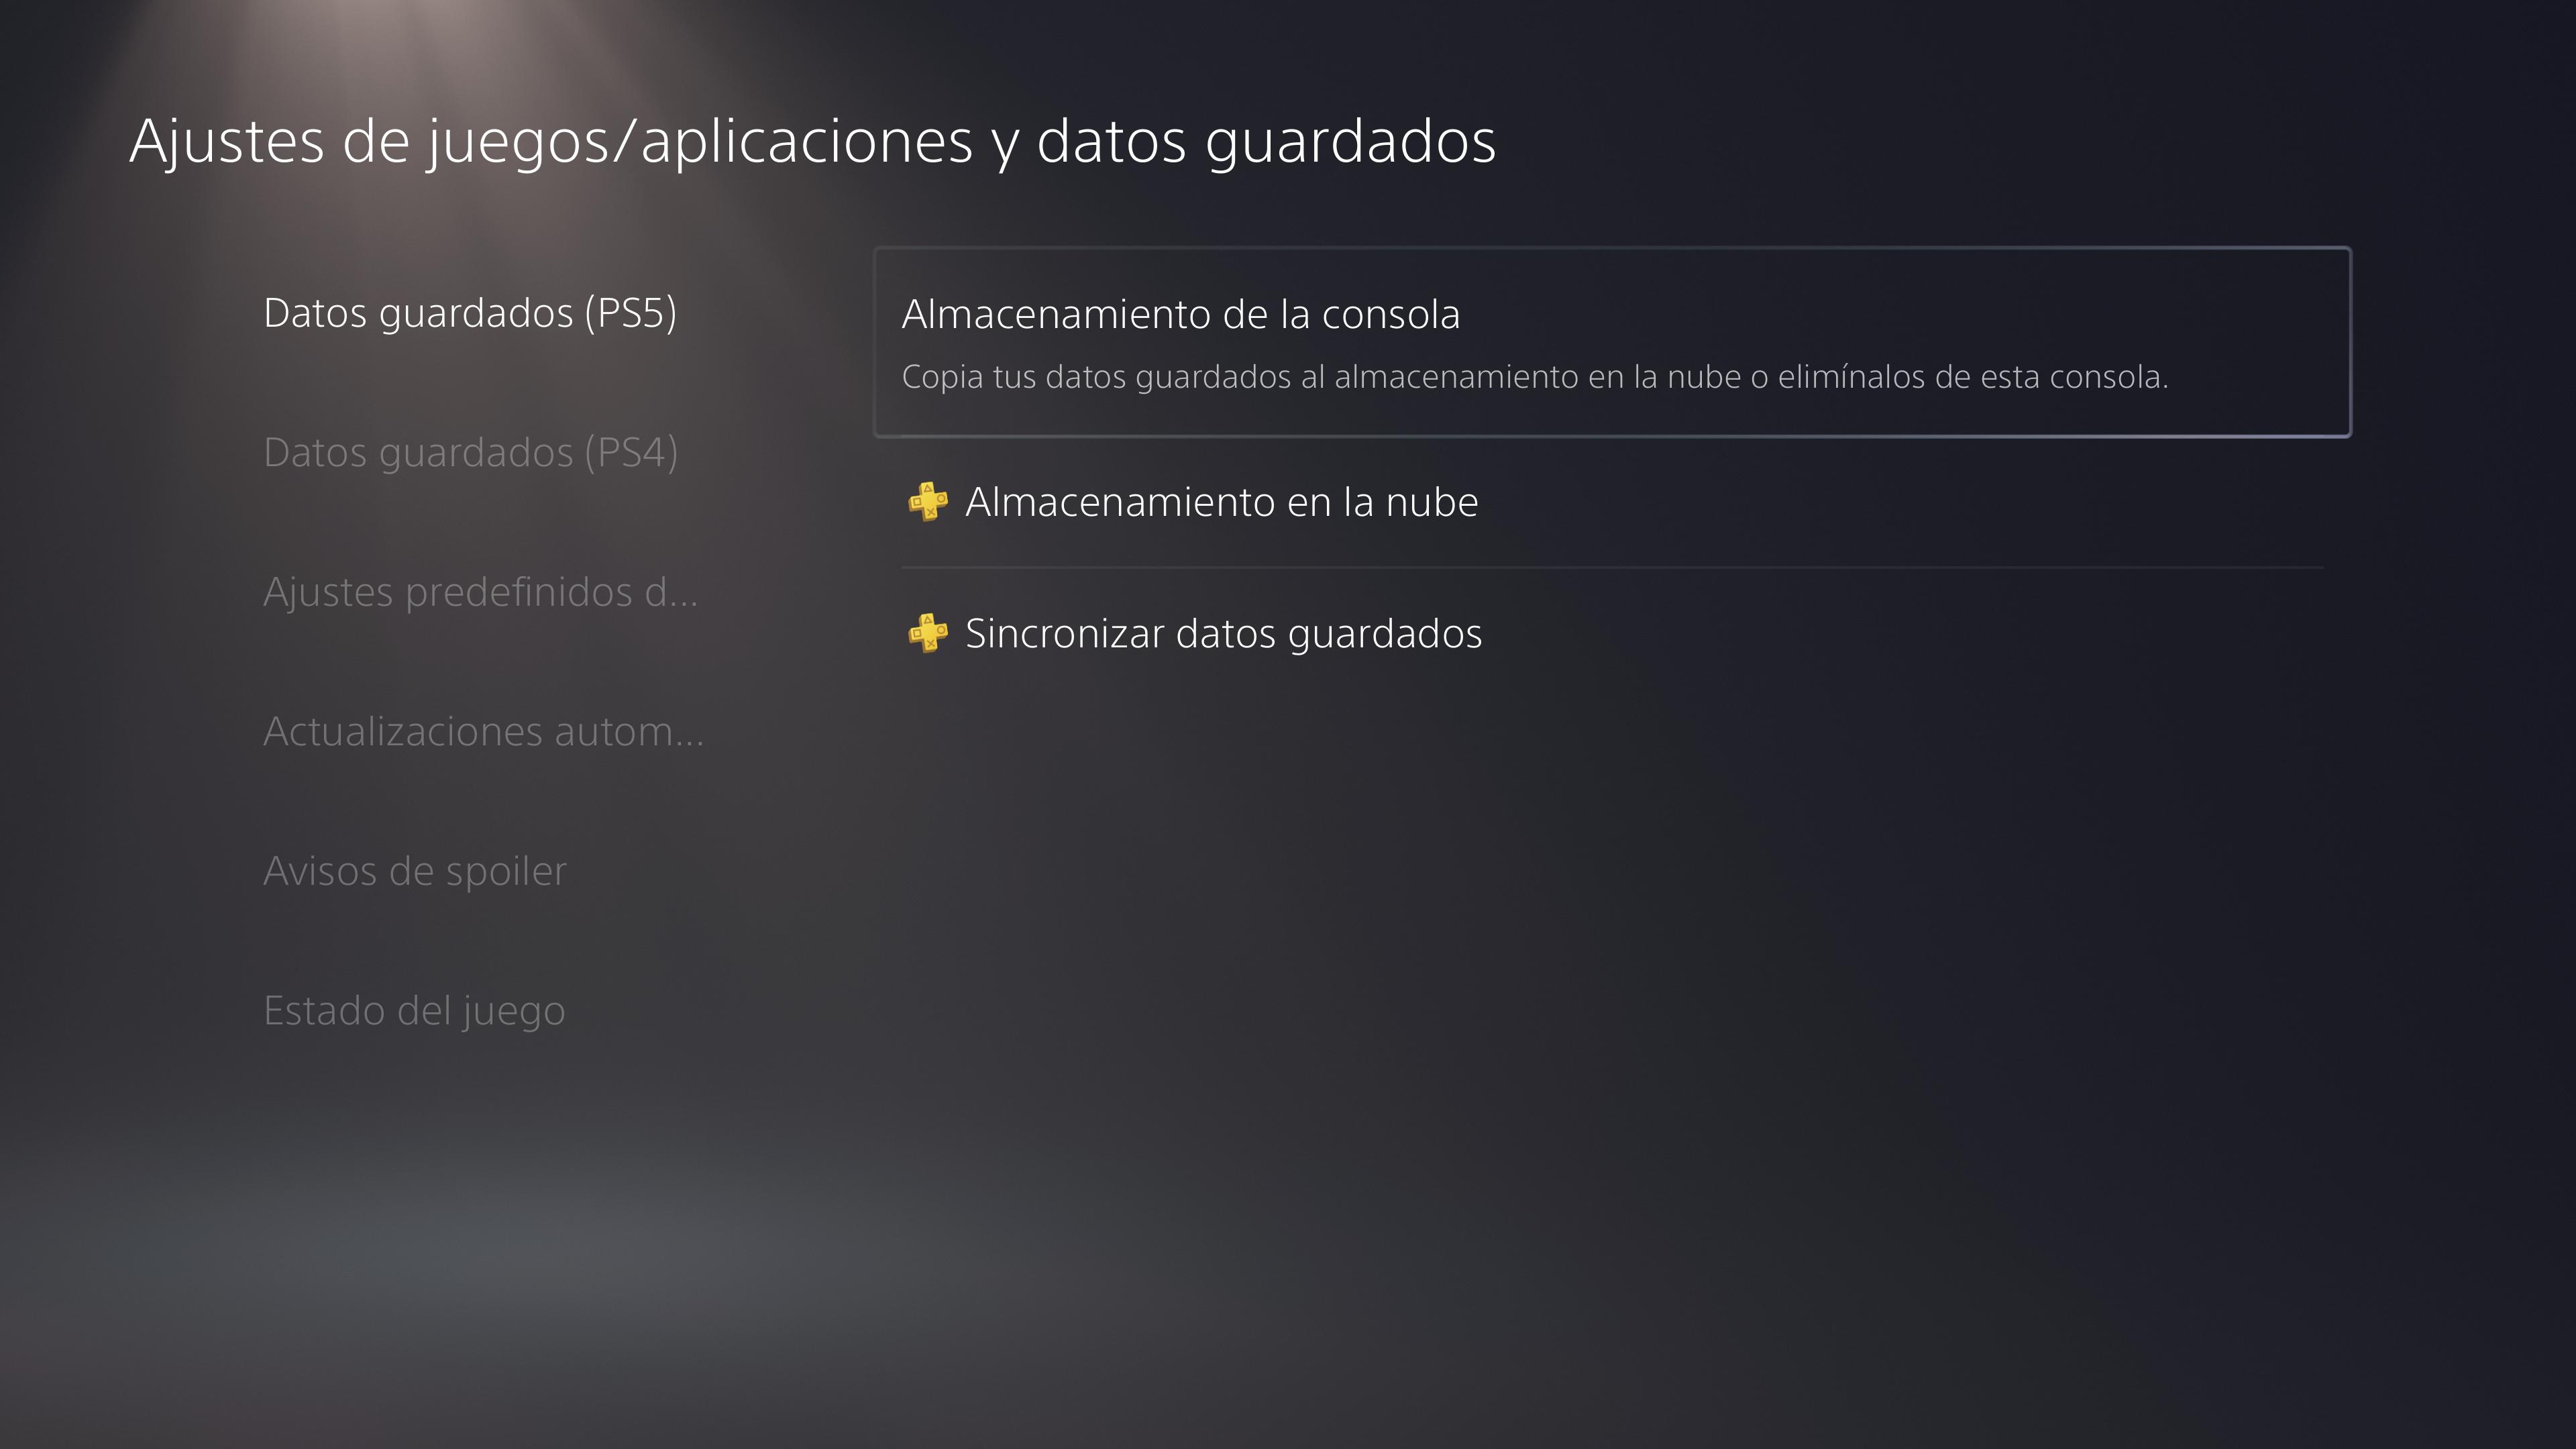 Descarga al almacenamiento de la consola PS5